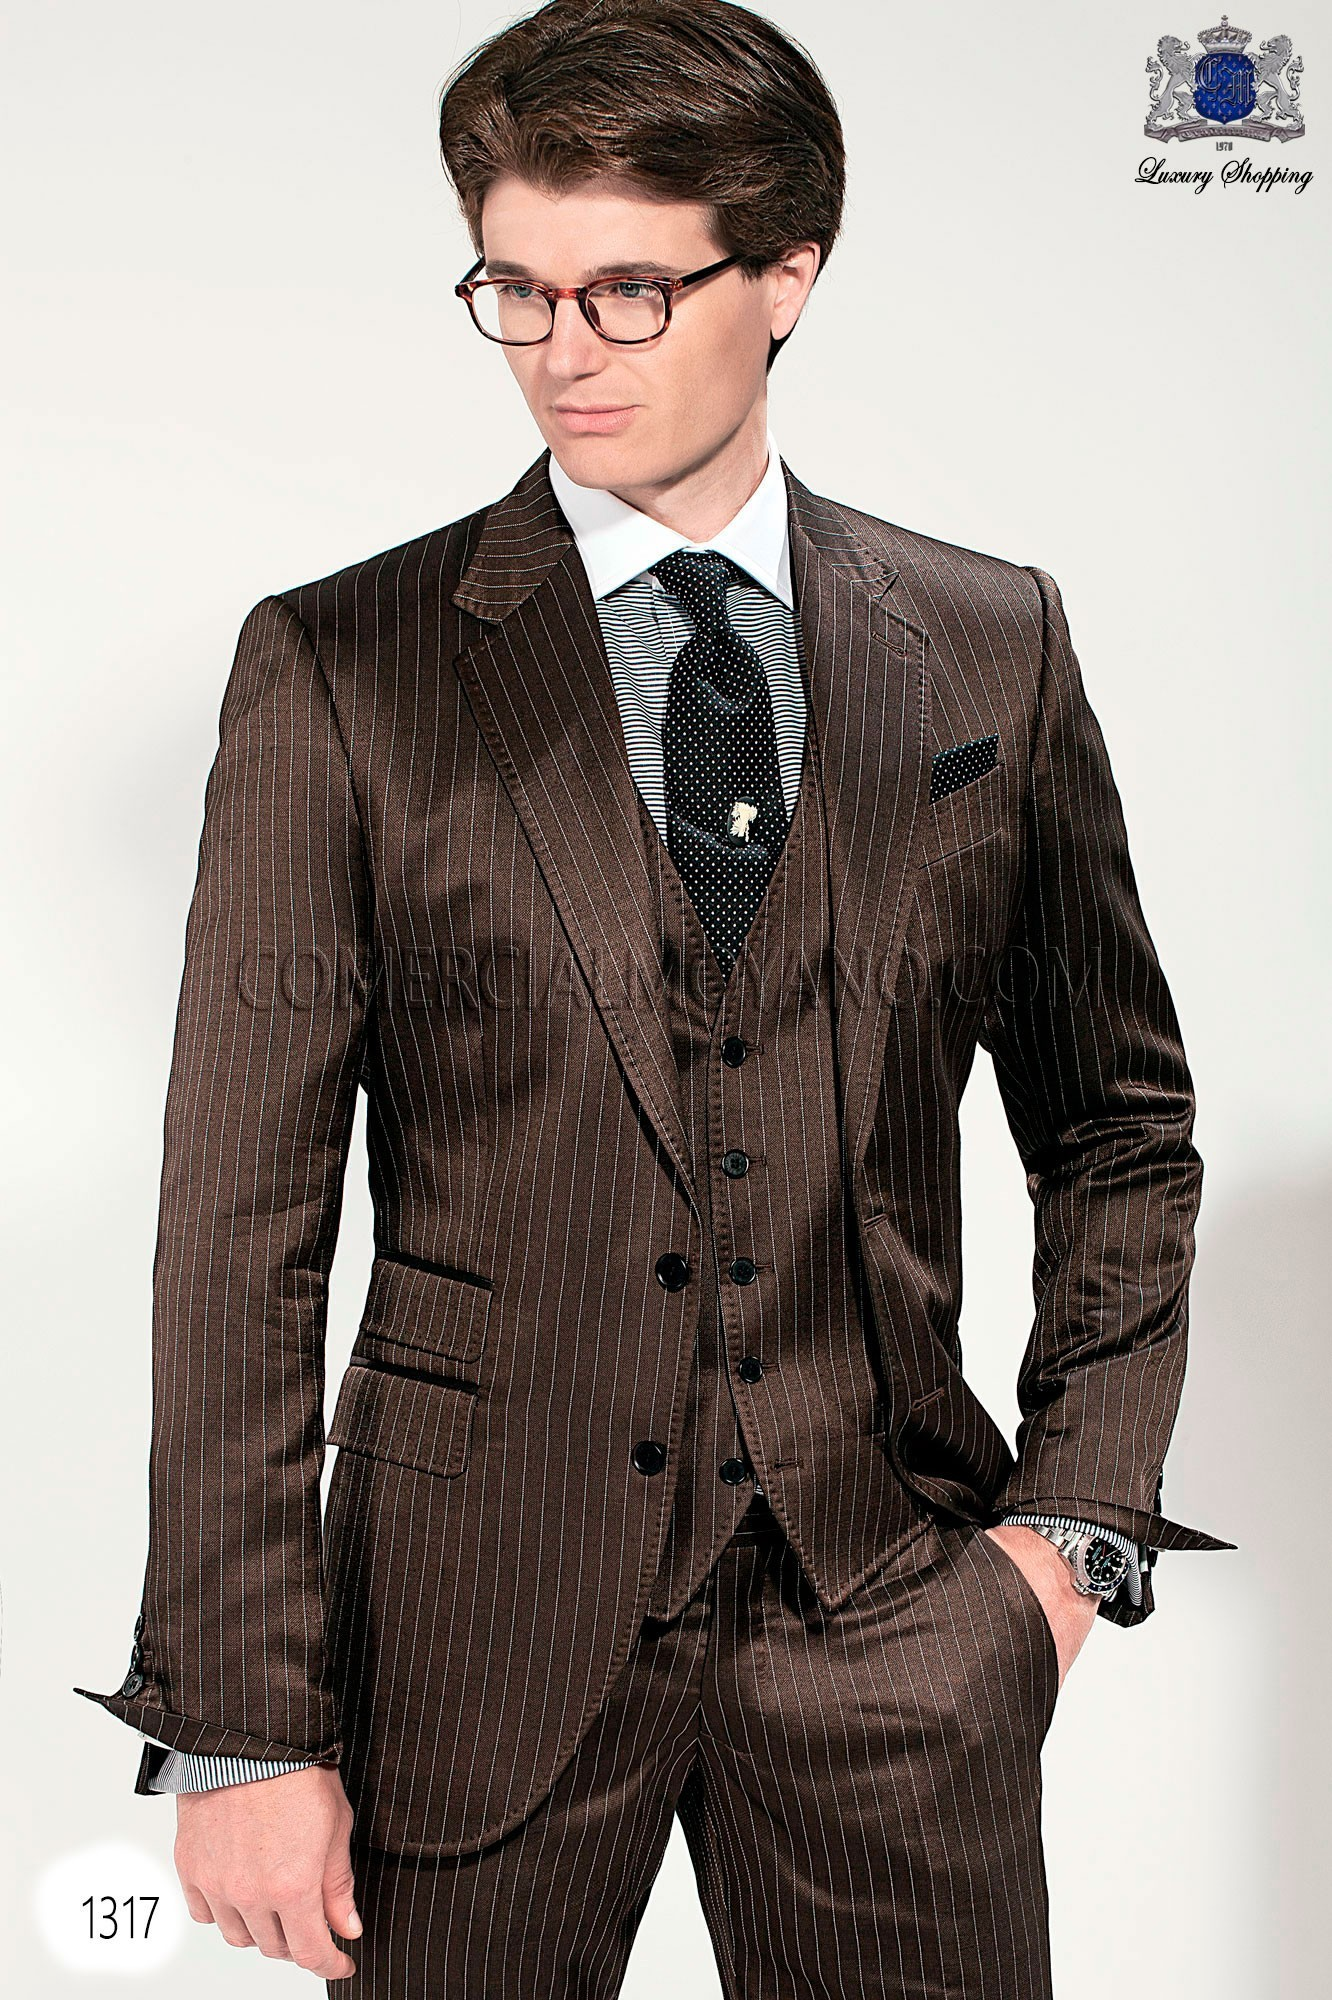 Gentleman brown men wedding suit model 1317 Mario Moyano